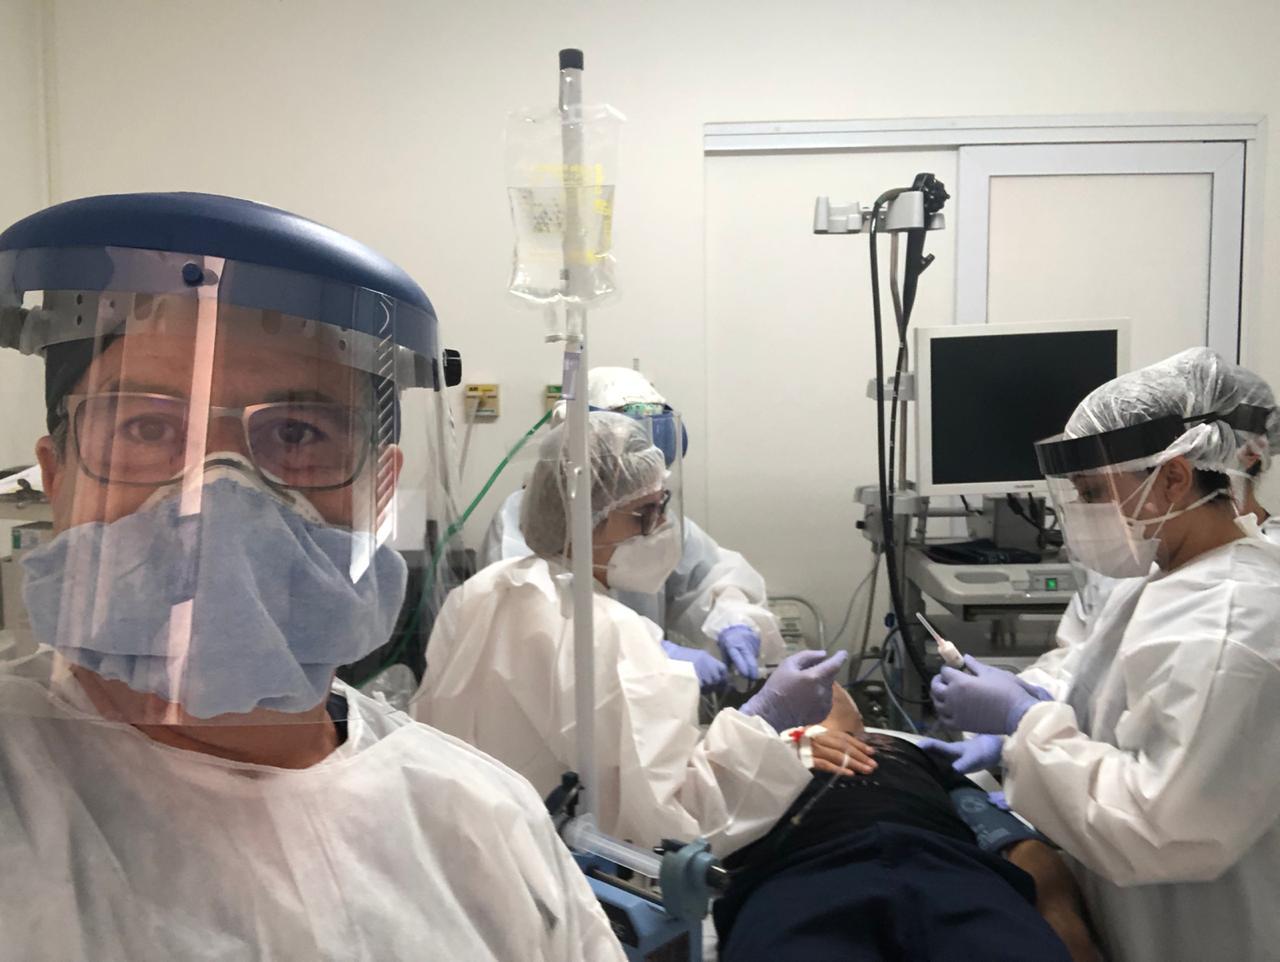 Exames de endoscopia e colonoscopia ganham novos protocolos durante a pandemia